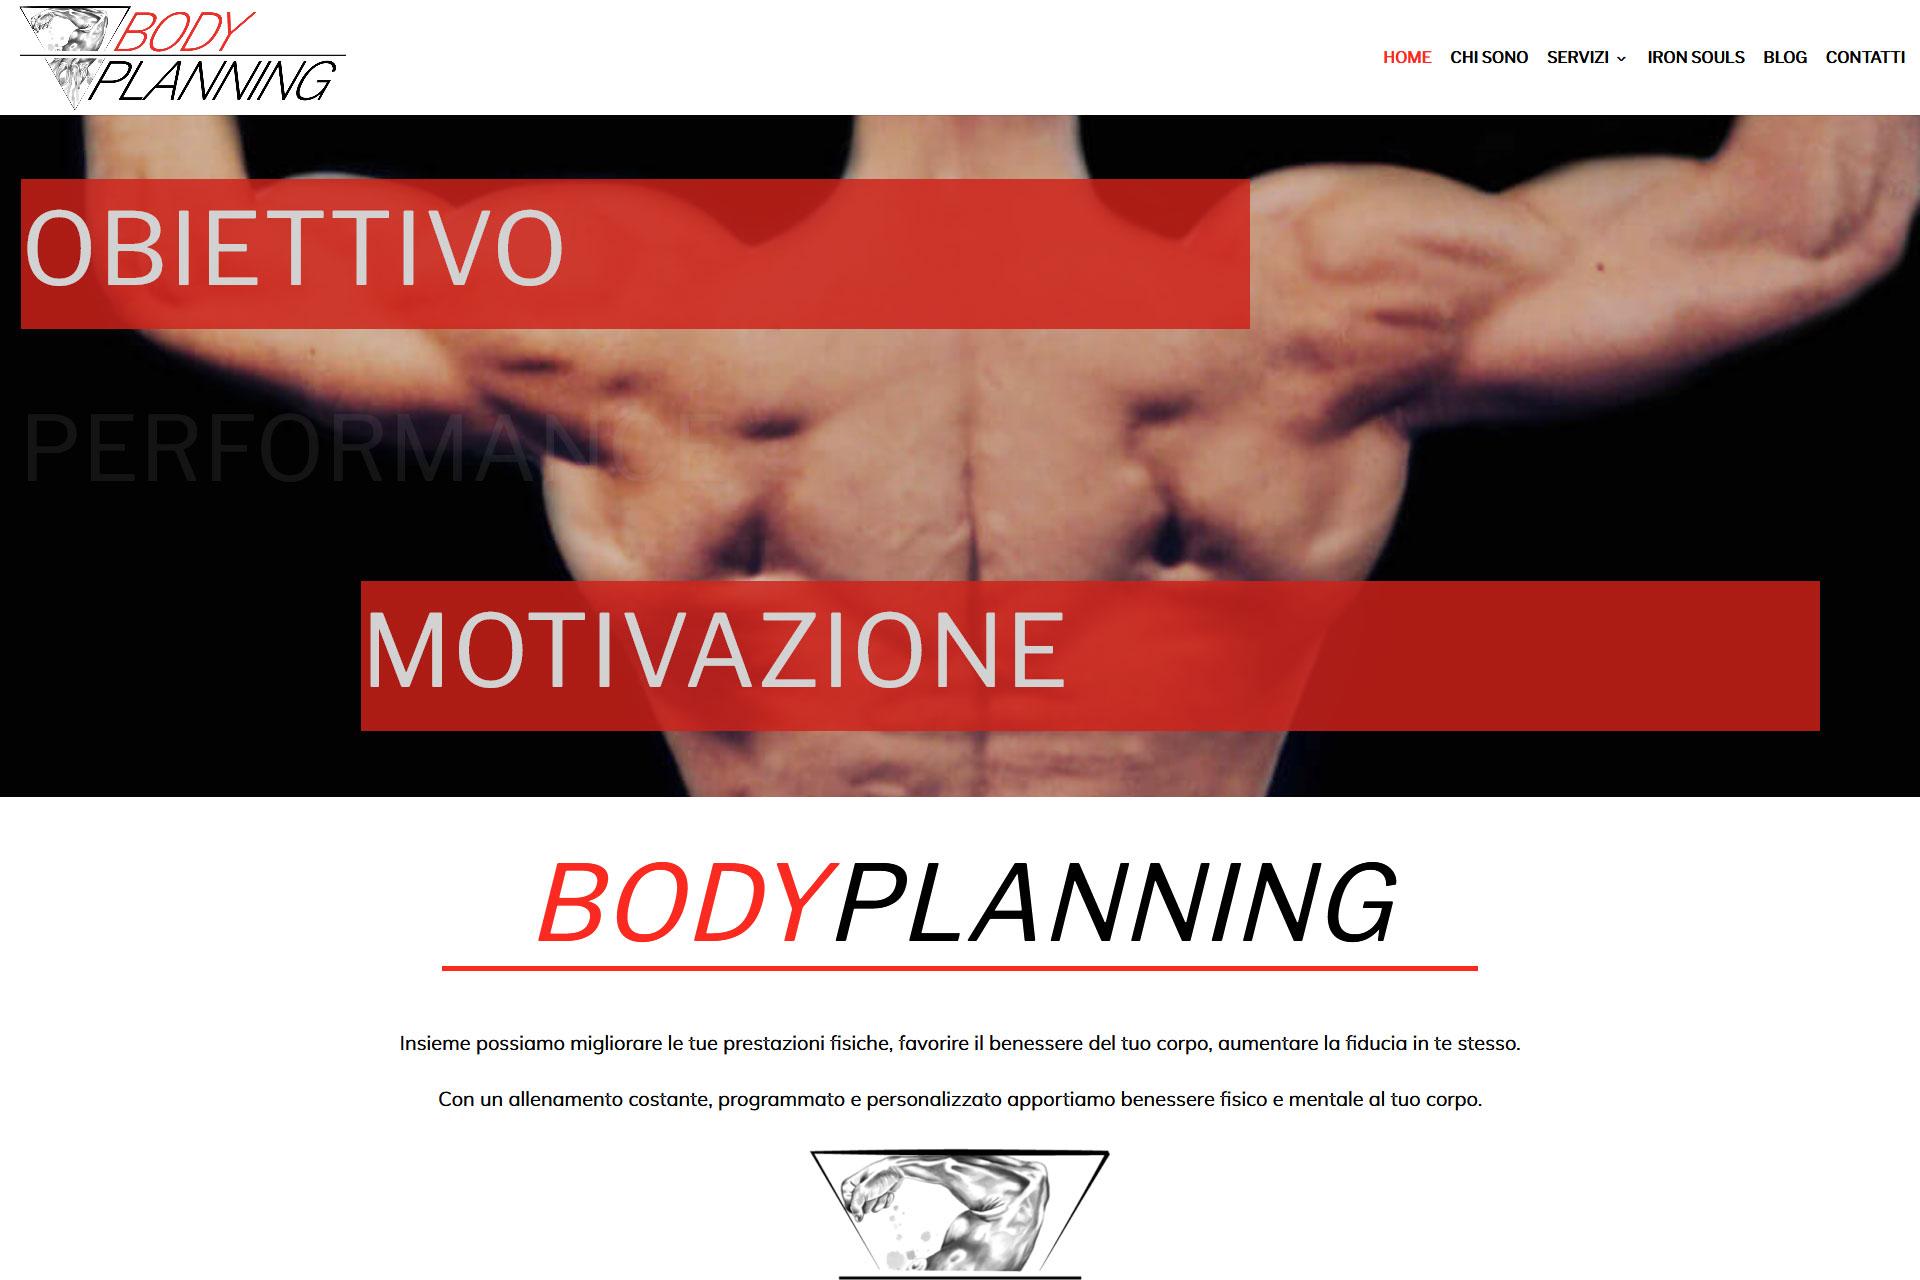 lv-design-realizzazione-siti-web-bologna-portfolio-body-planning-slide-1